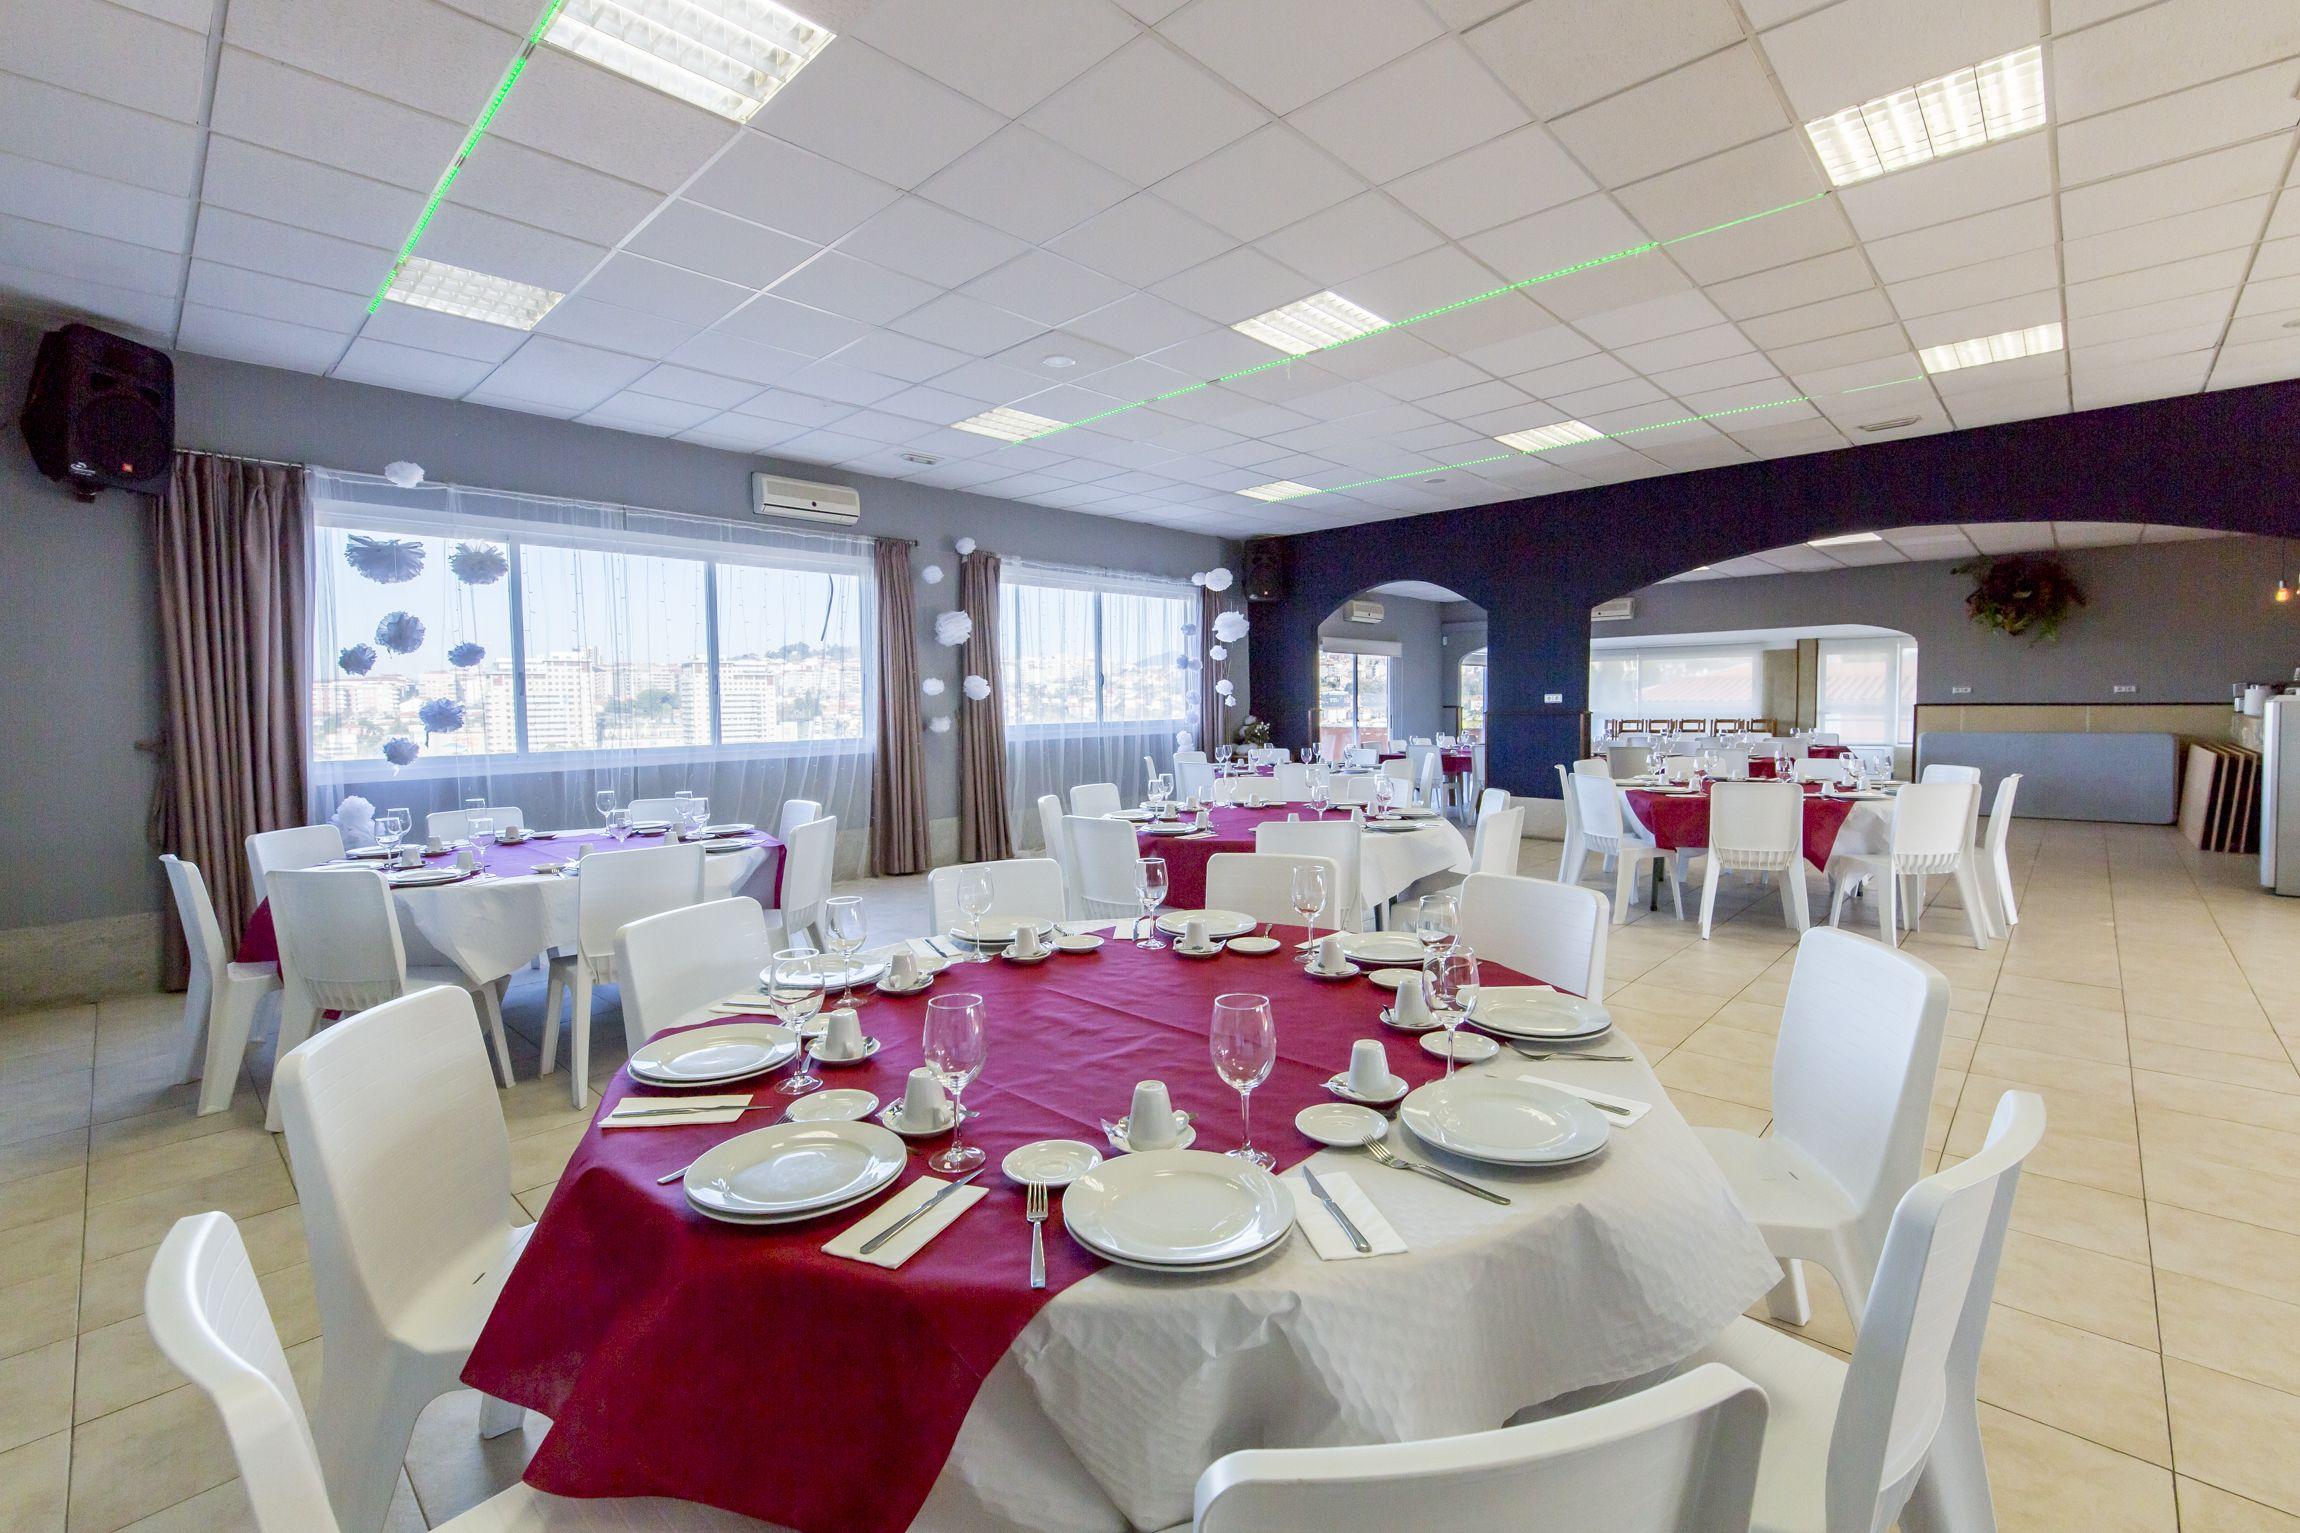 Restaurante para celebraciones familiares en Vigo